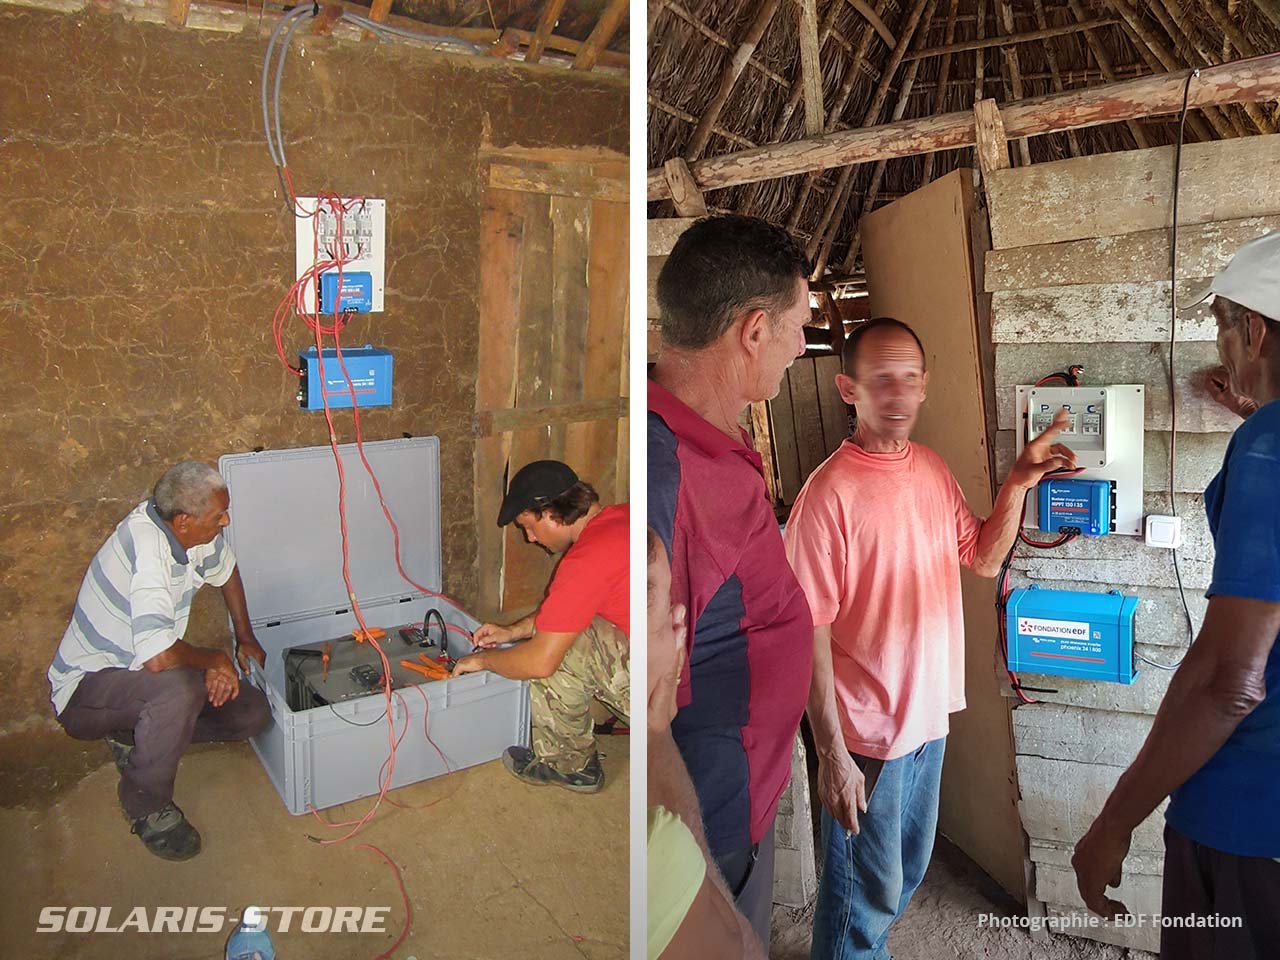 Branchement et raccordement des batteries solaires du kit, formation des personnels locaux